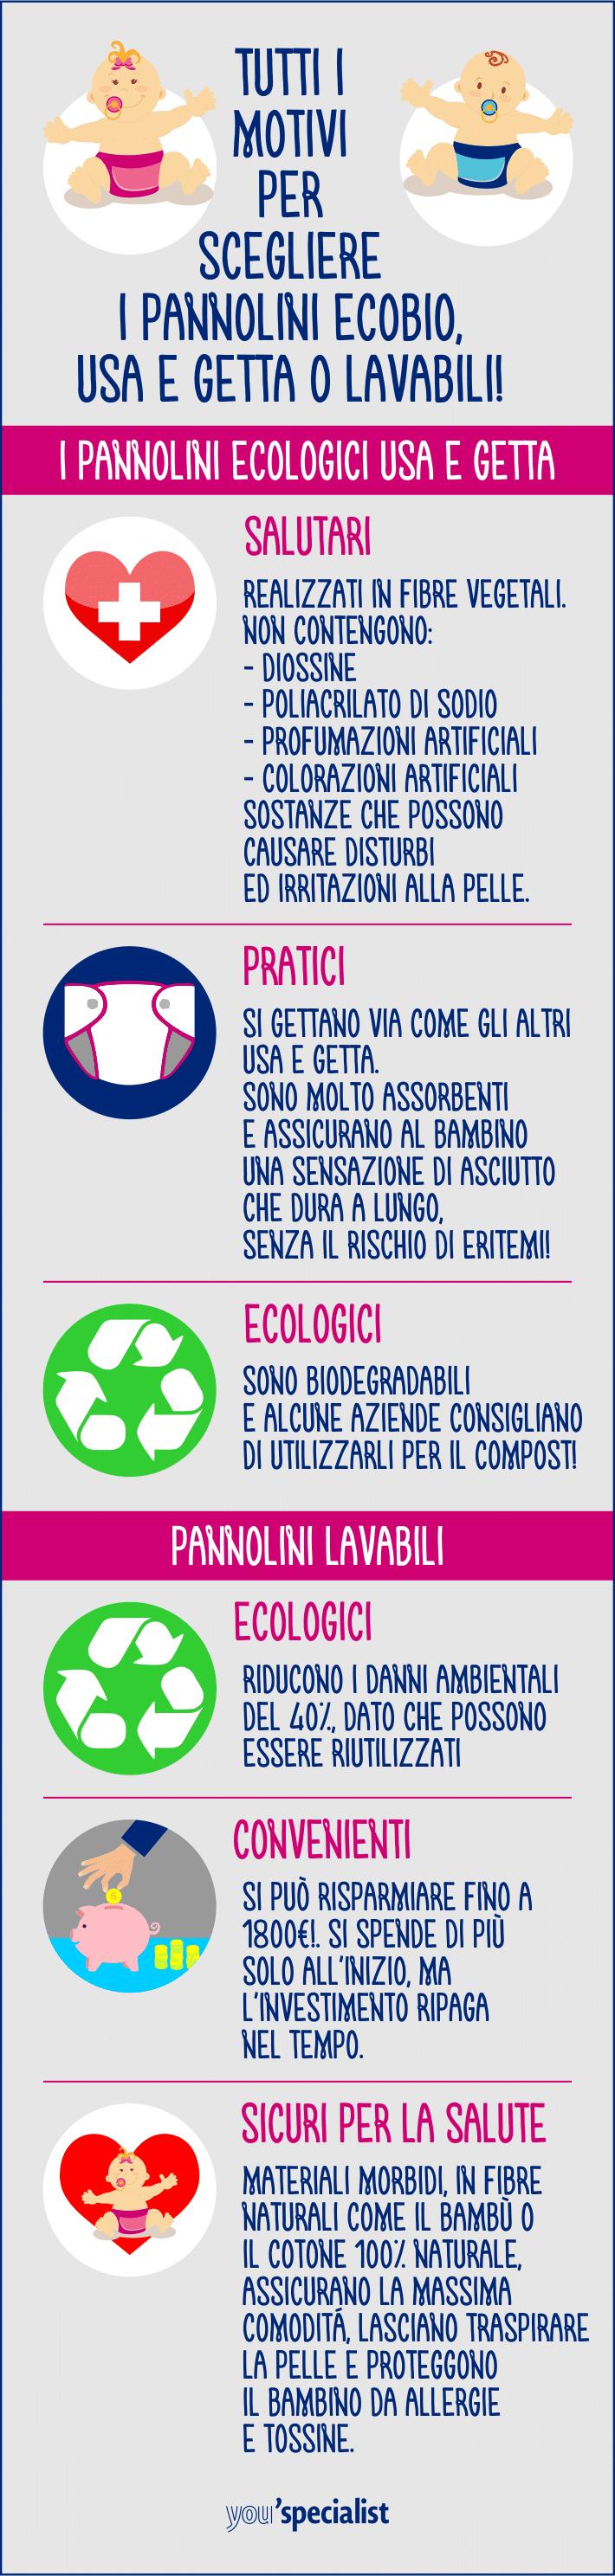 vantaggi dei pannolini ecologici usa e getta e pannolini lavabili: inforgrafica